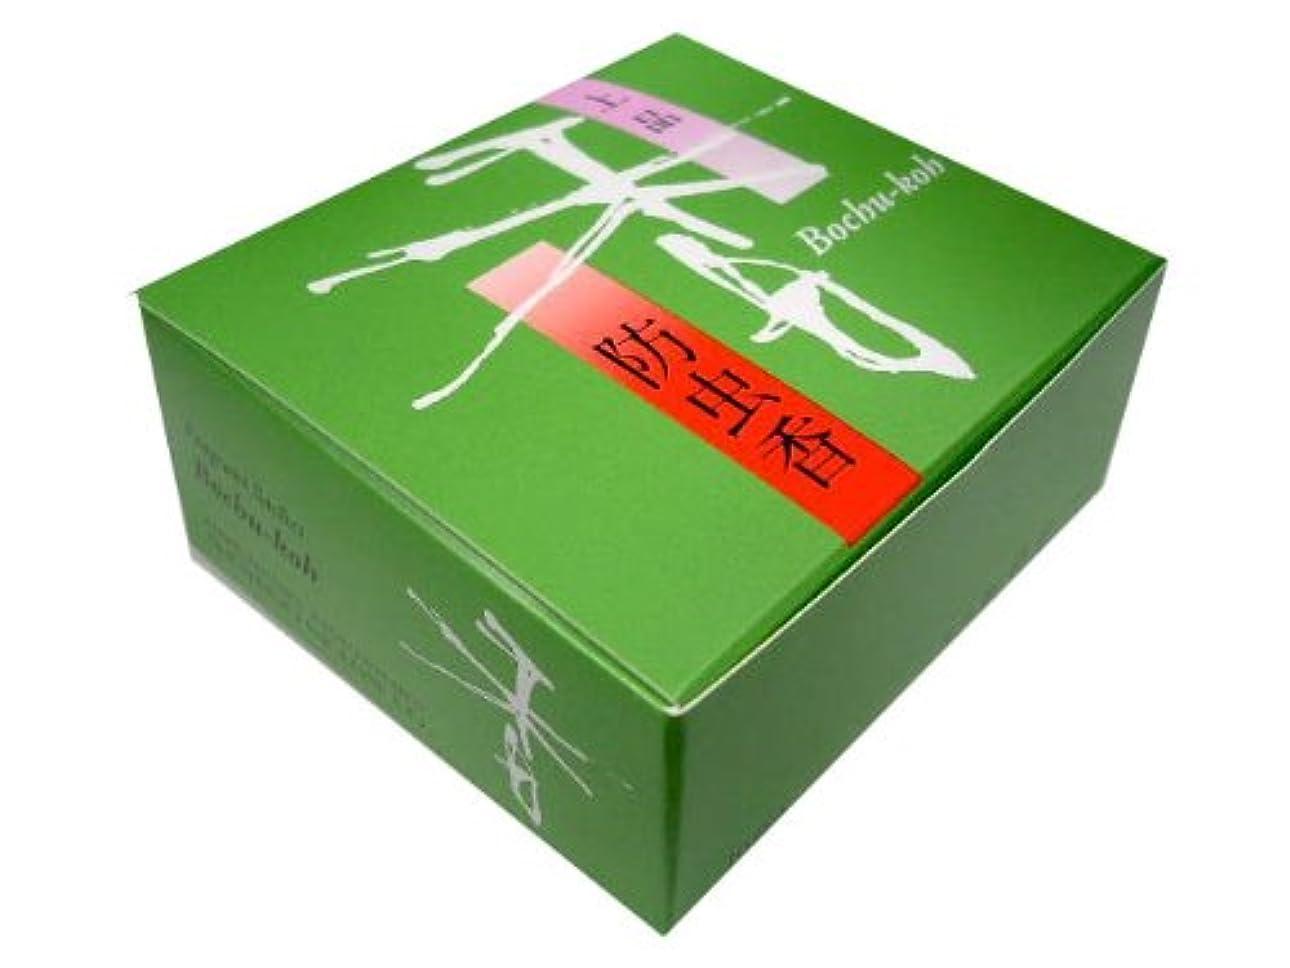 自動化傾斜薬松栄堂の防虫香 上品 防虫香 10袋入 #520138